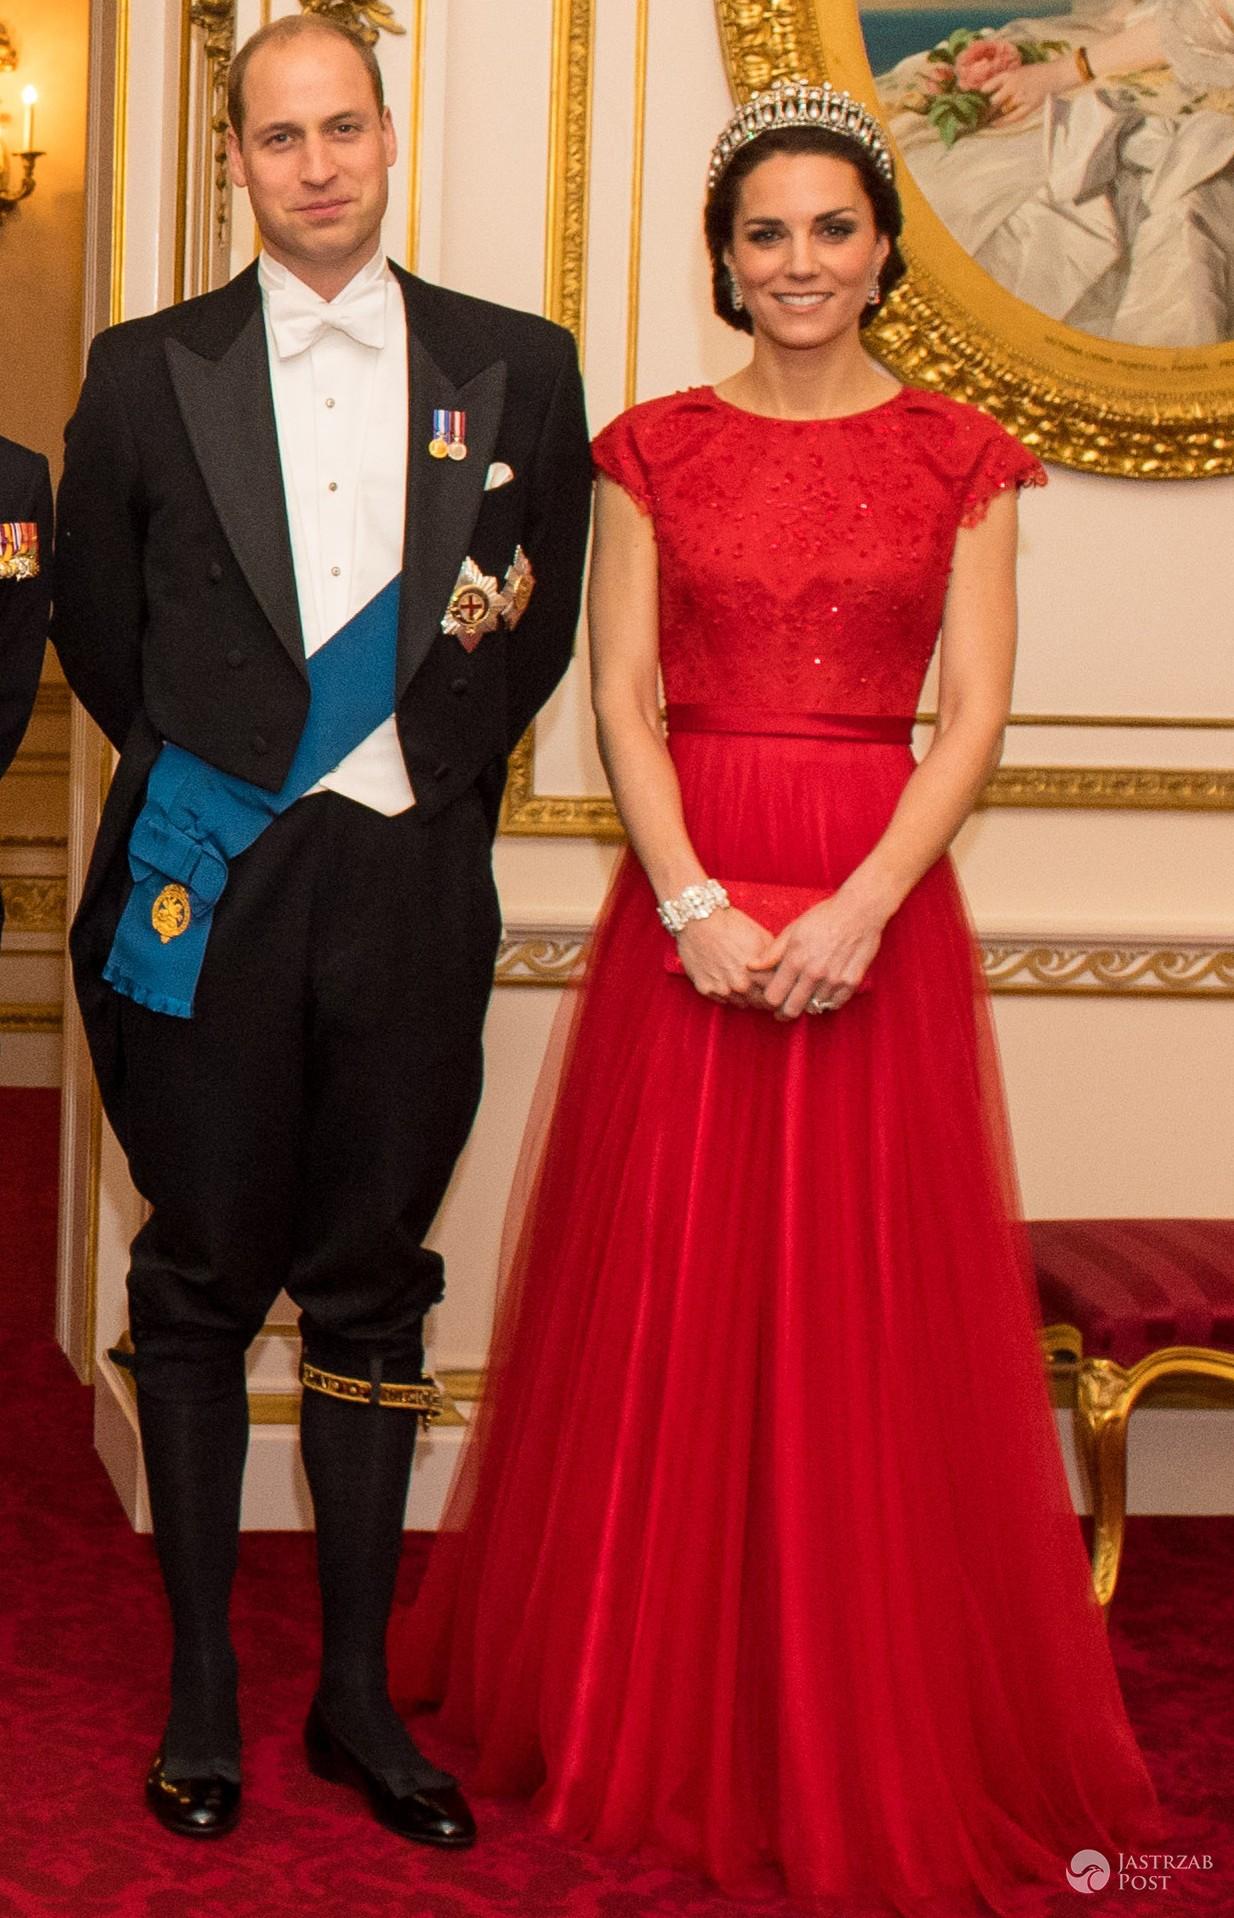 Księżna Kate i Książę William na przedświątecznej kolacji dyplomatycznej w Pałacu Buckingham